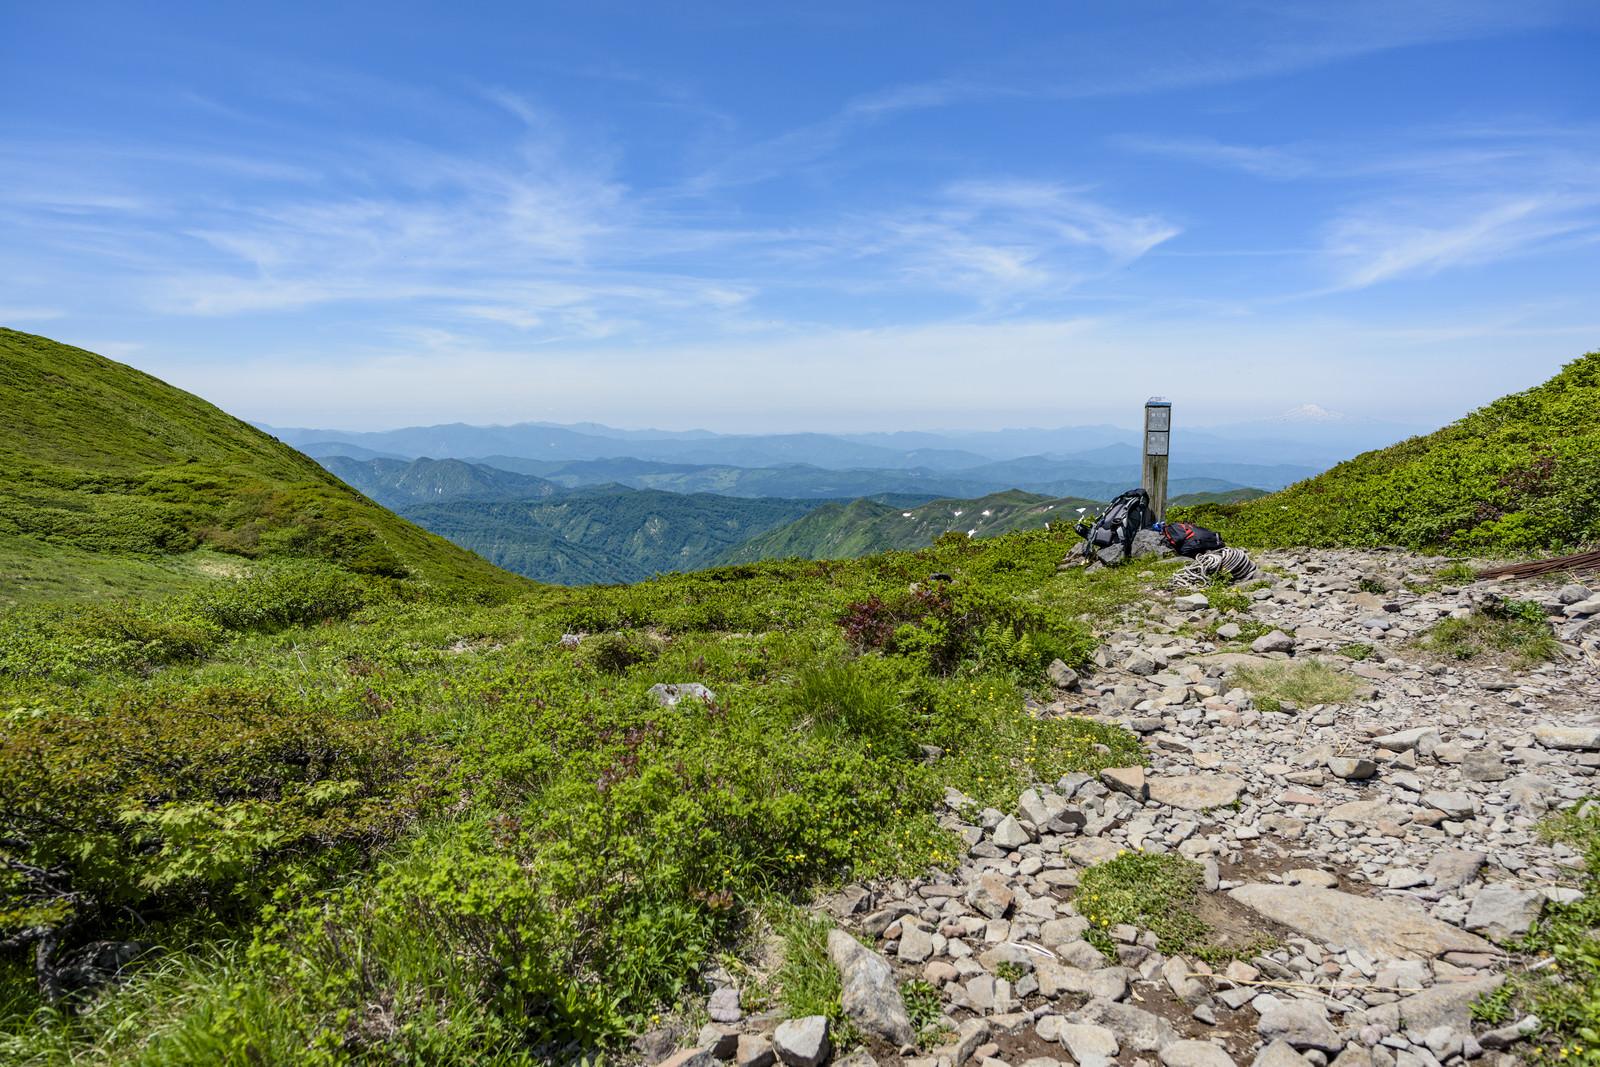 「登山道とデポされた荷物」の写真